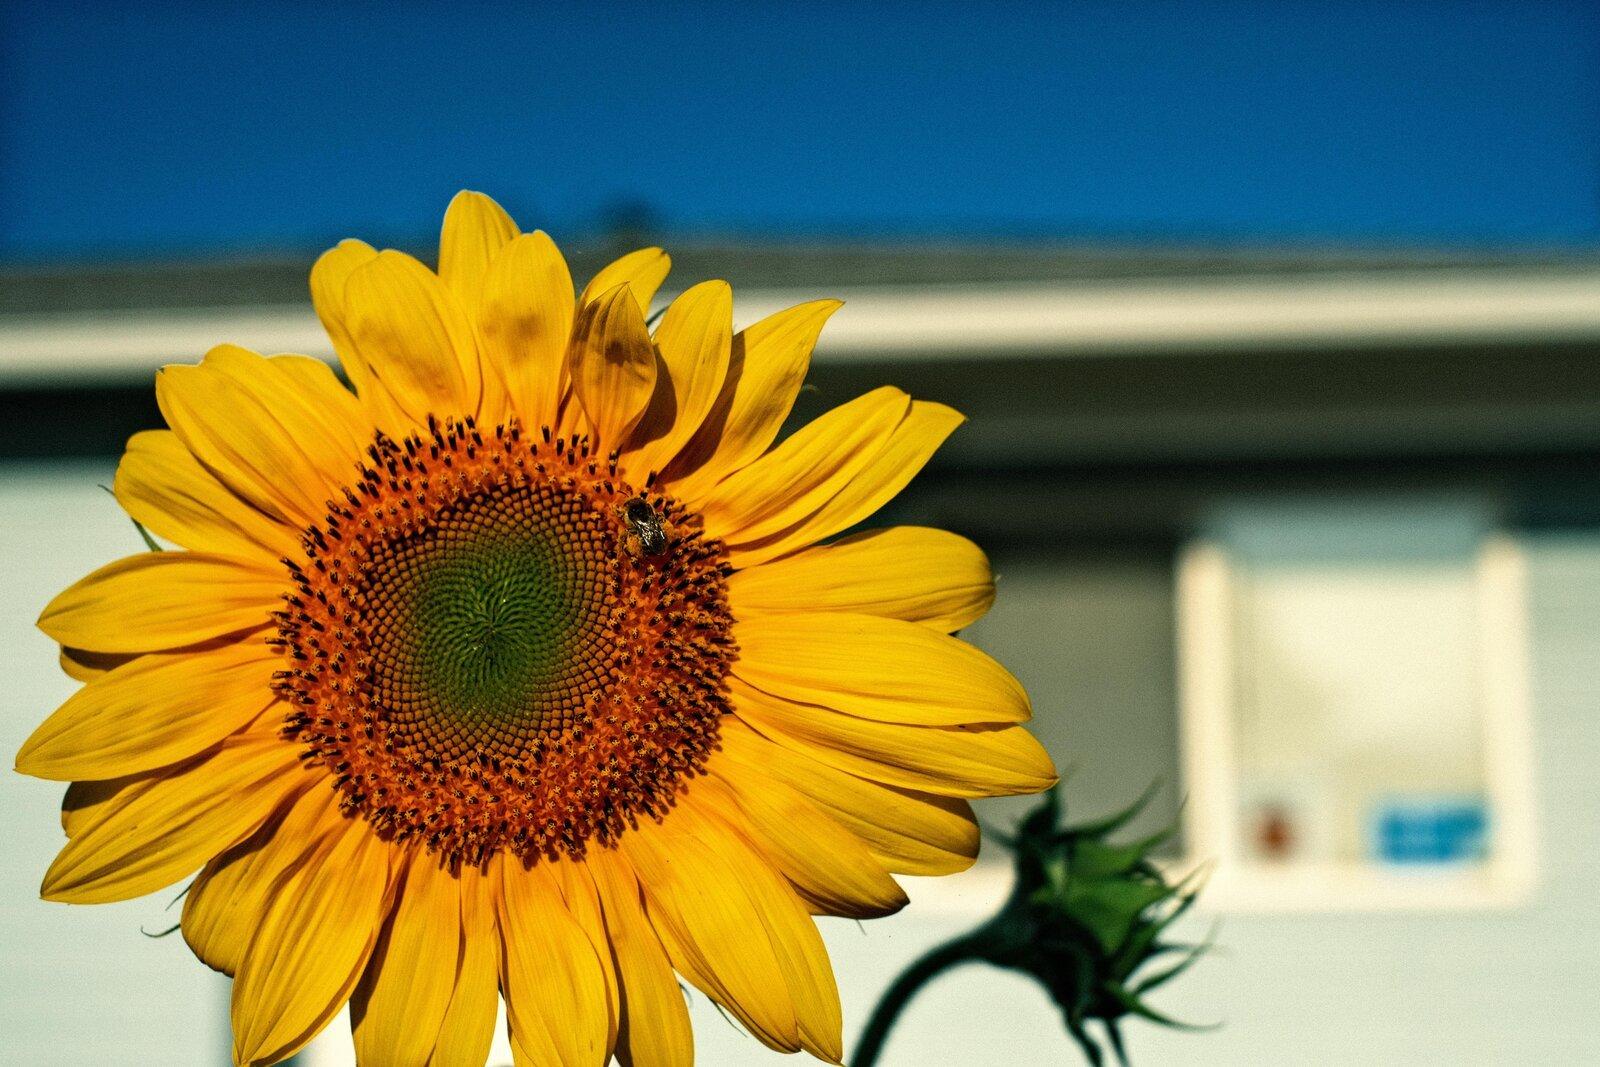 XPro3_Aug31_21_morning_Sunflower.jpg